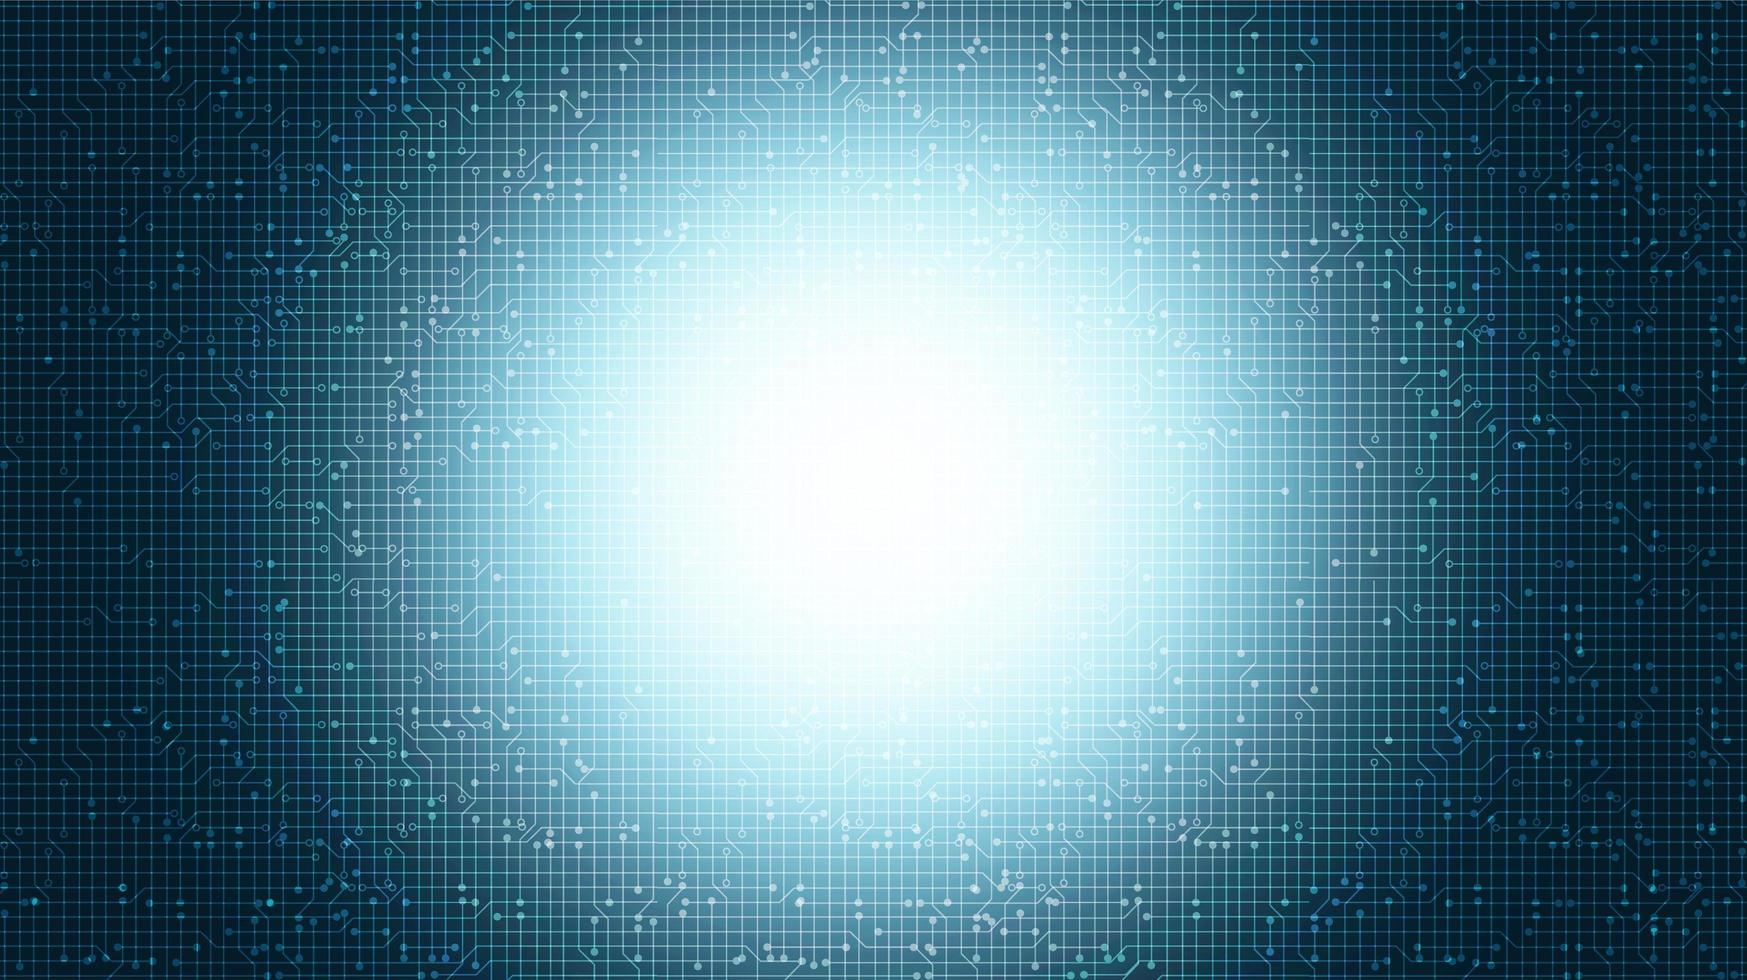 sfondo tecnologico ultraleggero, design digitale e comunicazione hi-tech, spazio libero per il testo vettore